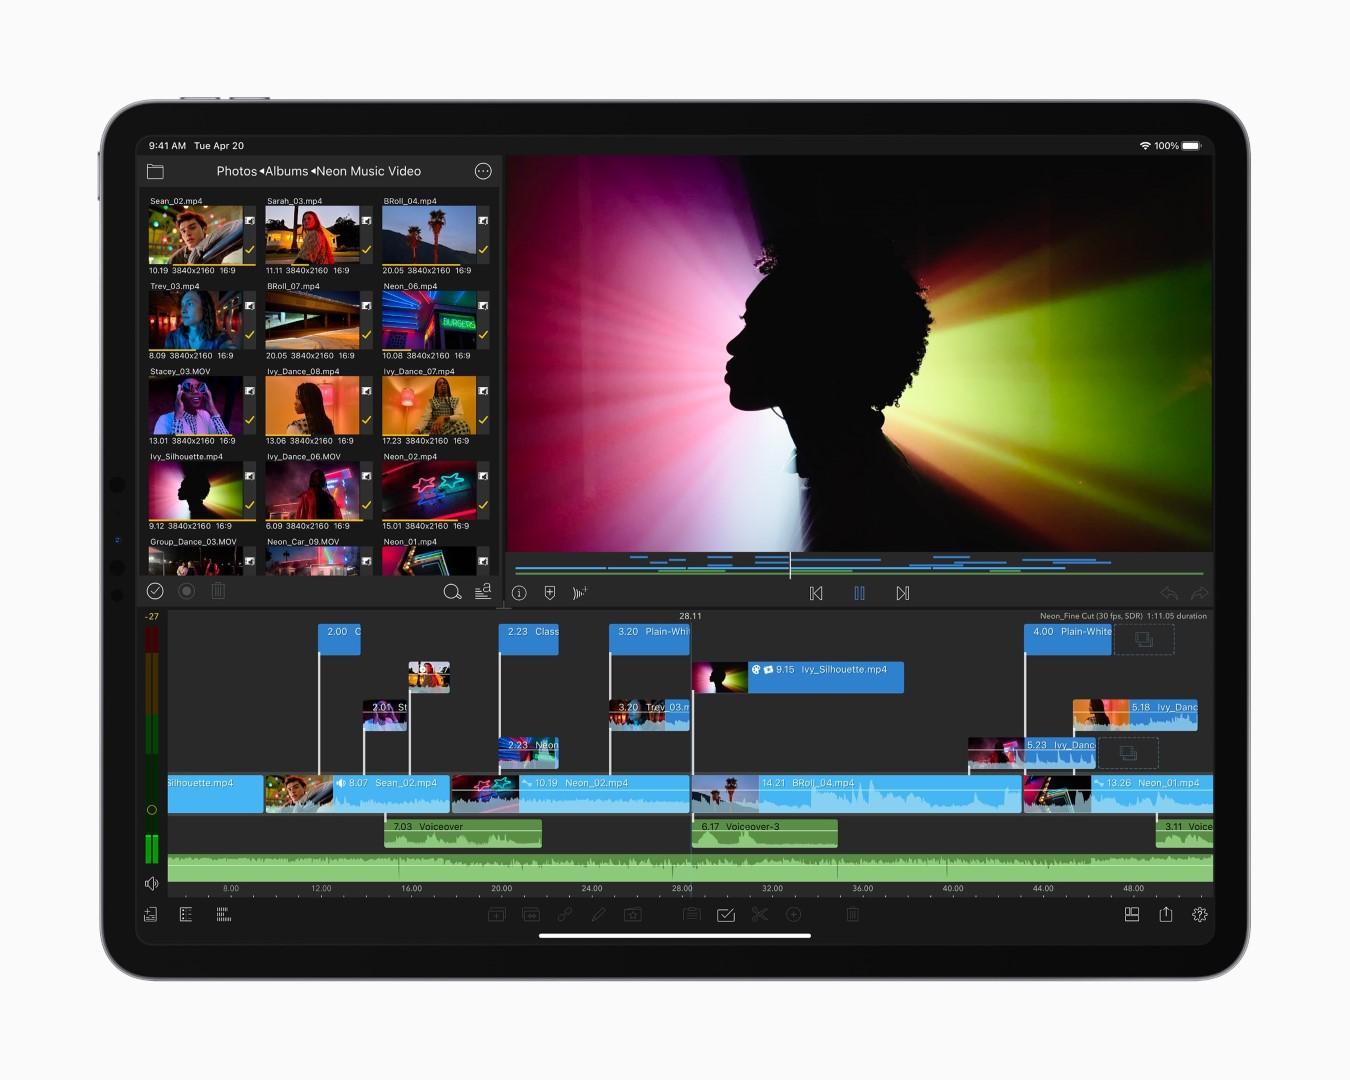 定位在旗艦規格及效能的 iPad Pro,用個 2~3 年並不成問題,如果你手上正在用 iPad Pro 2020,應用在 4K 影像剪輯、3D 繪圖、手繪也相當順暢,倒也不急著現在升級。